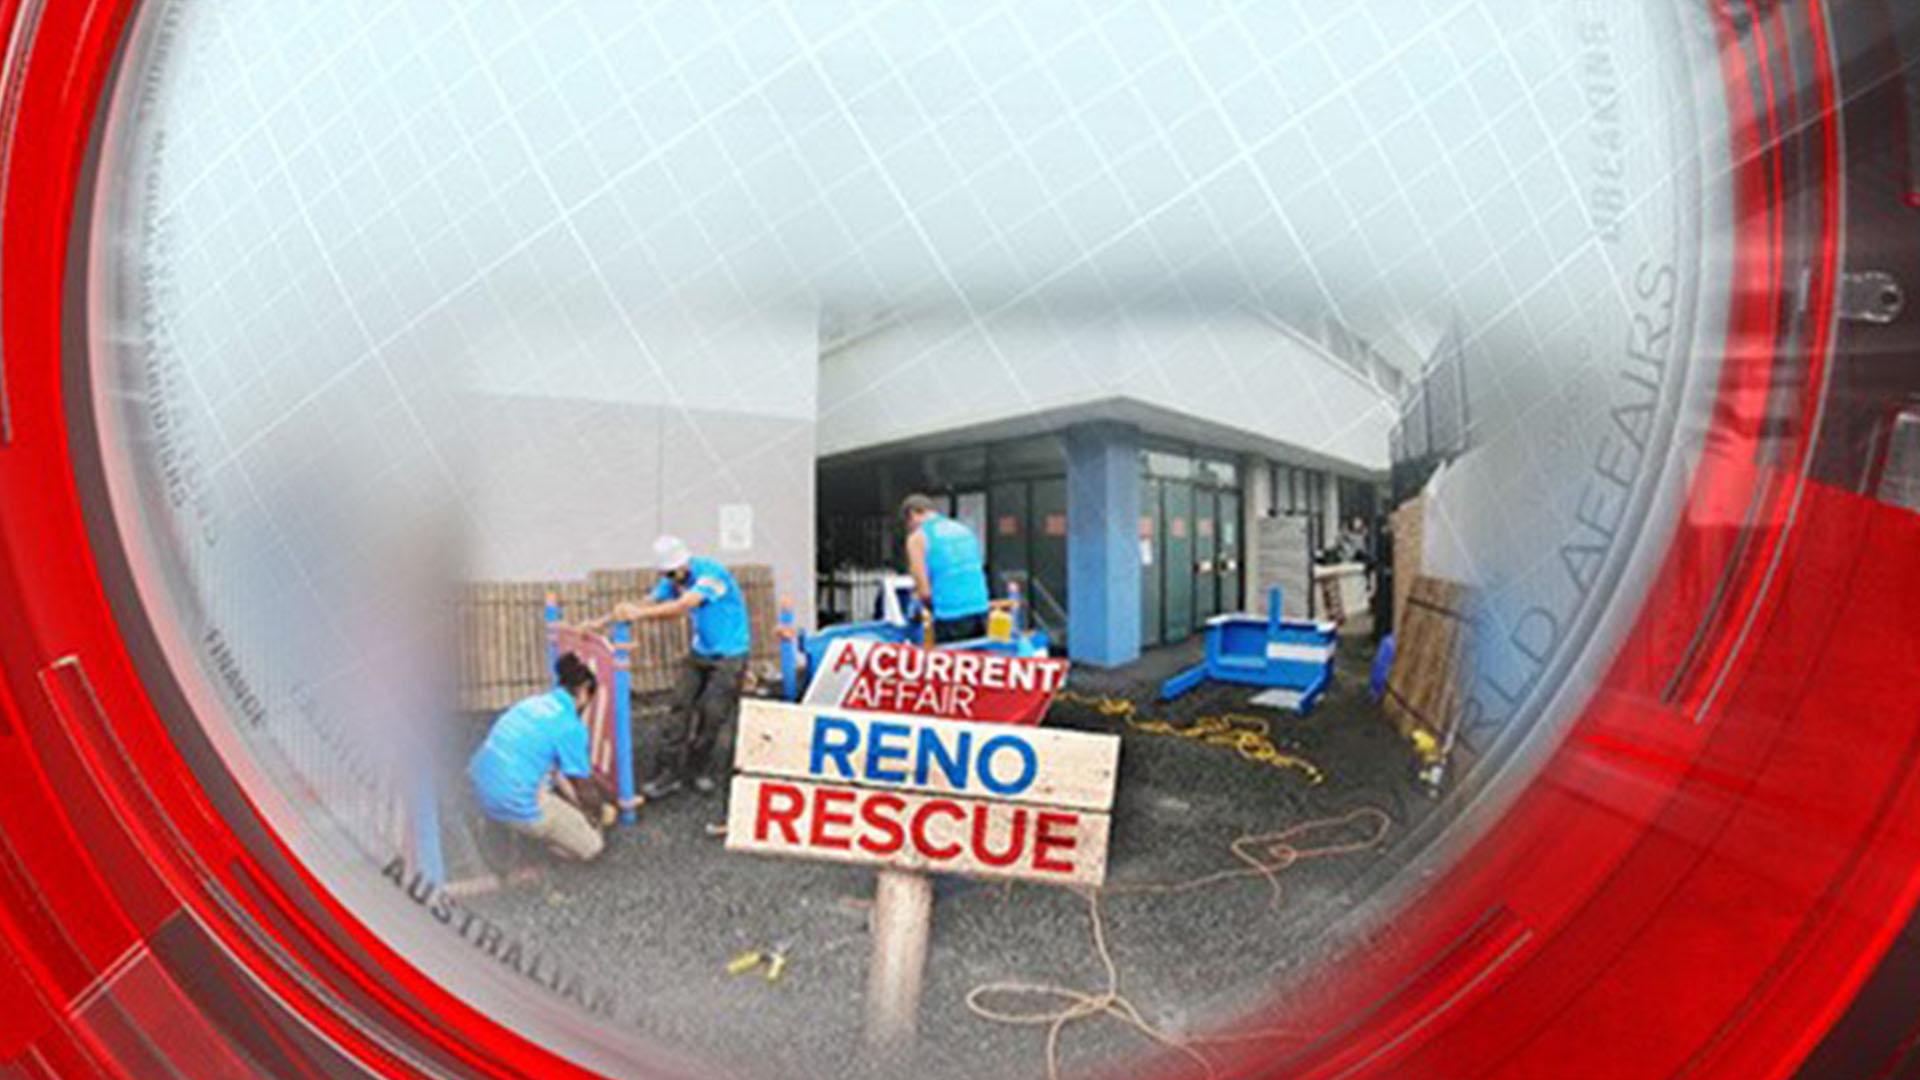 Reno rescue